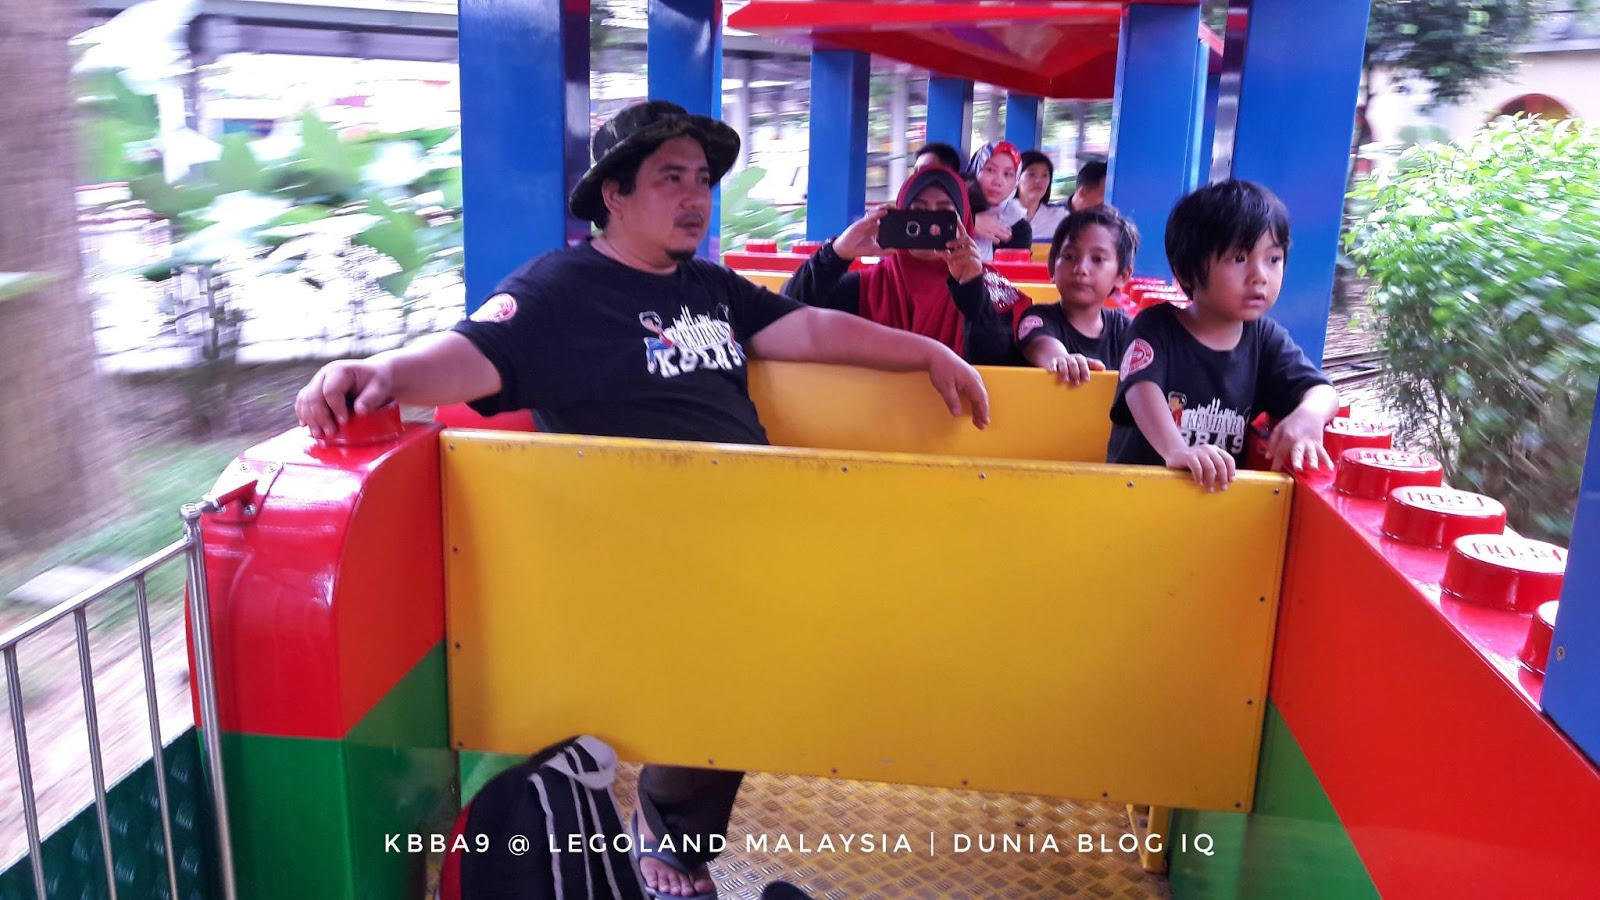 Akhirnya Berpeluang Ke Legoland Malaysia Buat Pertama Kalinya Bersama KBBA9